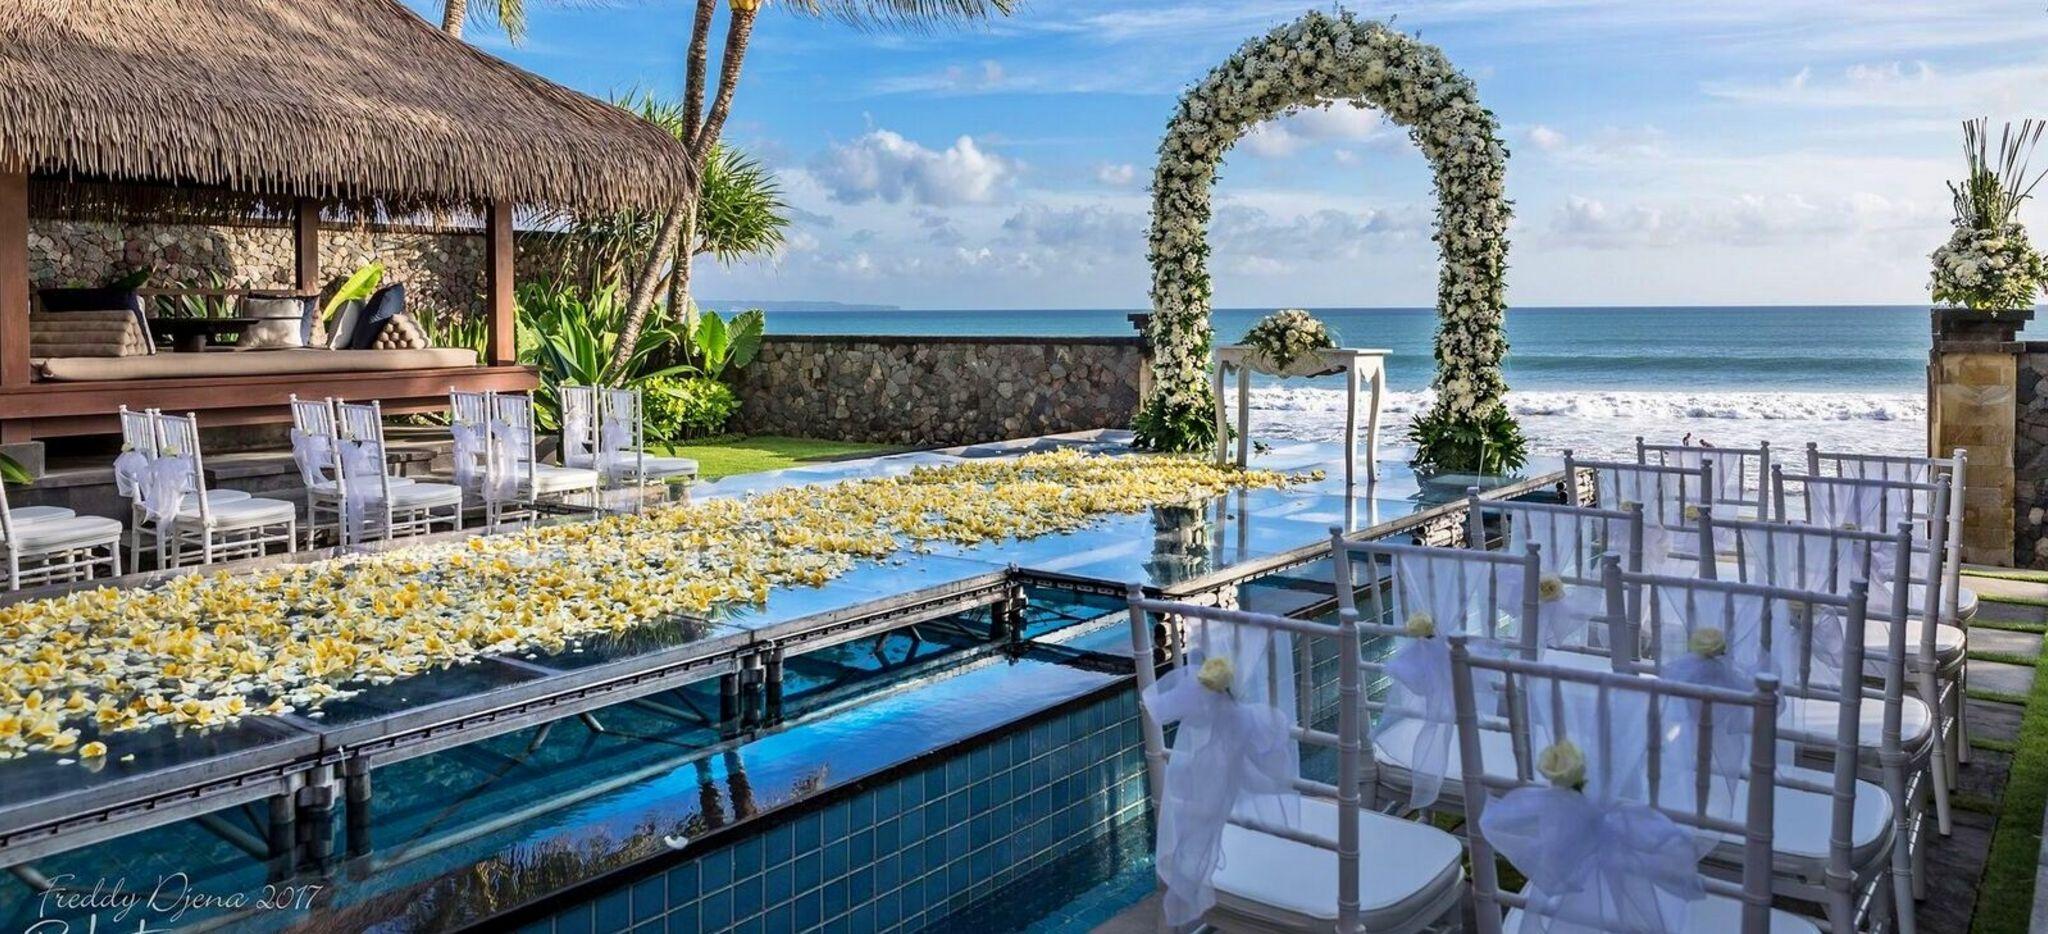 """Mit Blumen Dekorierter vorgarten eines Hotelzimmers im Hotel """"The Legian"""" auf Bali"""